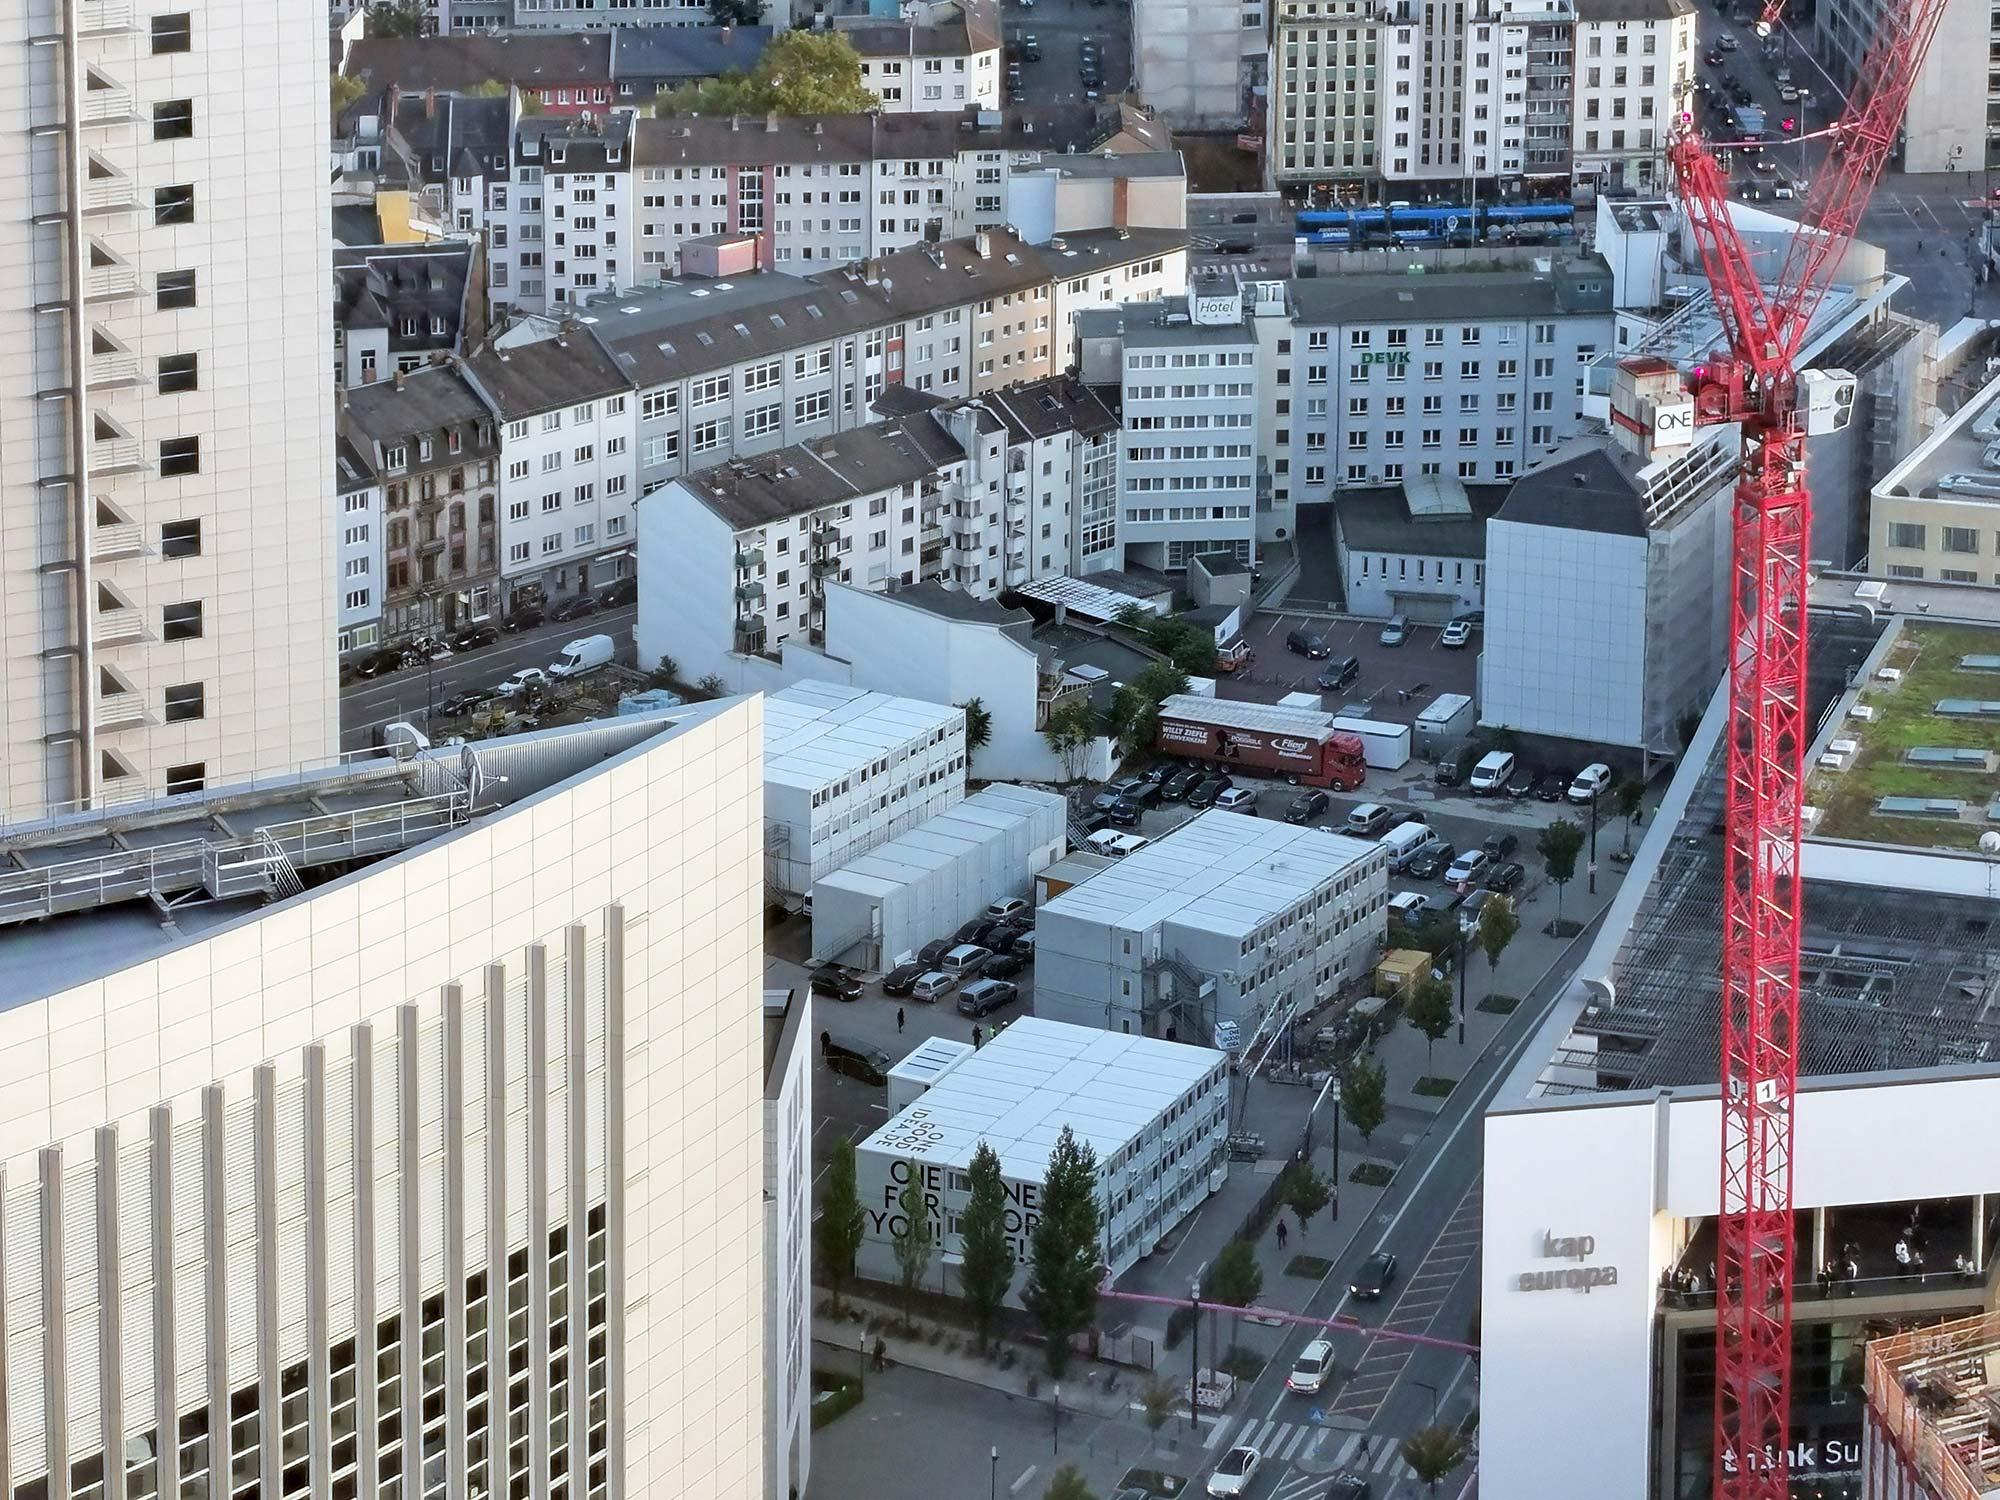 Millenium Tower Frankfurt - zukünftige Baustelle mit Baucontainern